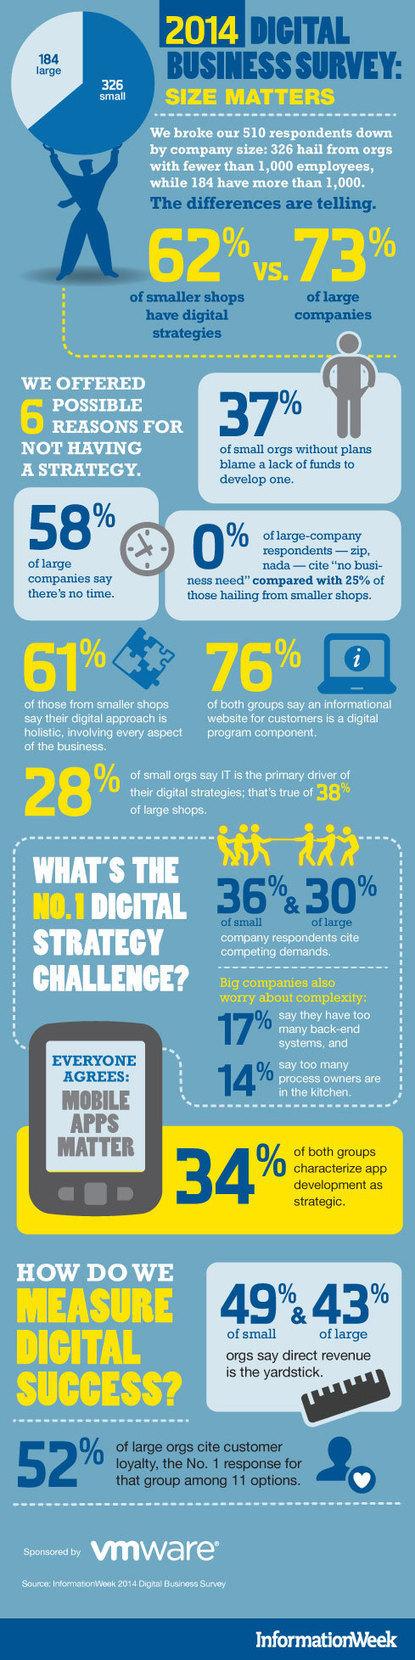 INFOGRAPHIC: 2014 Digital Business Survey | Cloud Central | Scoop.it